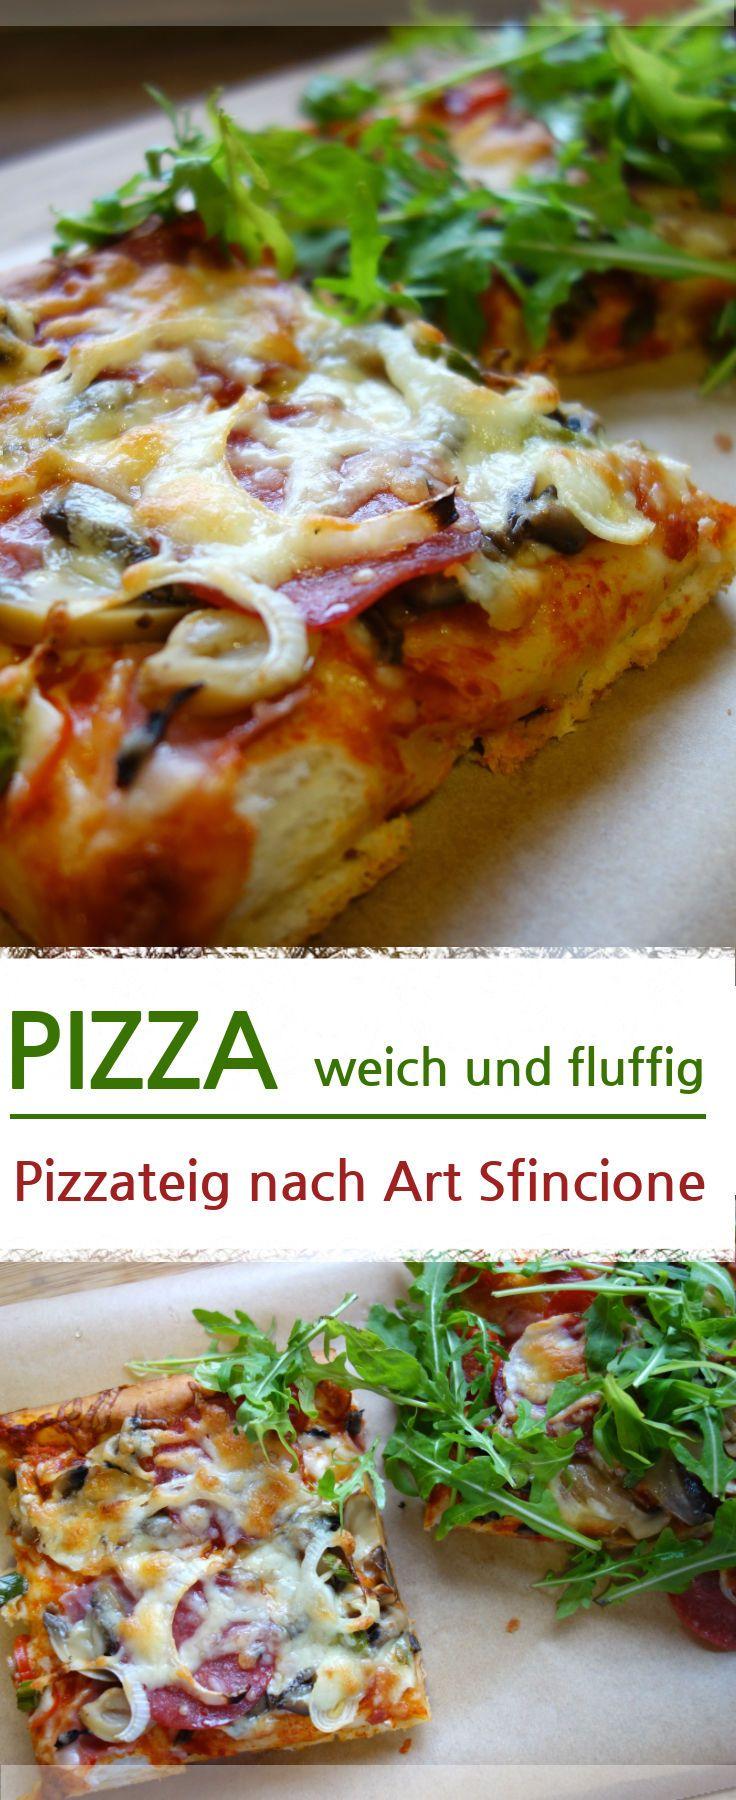 Leckere Pizza mit weichen und fluffigen Pizzaboden. Belegt mit Käse, Schinken, Salami, Käse, Frühlingszwiebeln, Tomaten und Rucola. Nur einige Ideen wie du den Pizzaboden selbst belegen kannst. Das Rezept für den Pizzateig, wird komplett selber gemacht. Ideal als Familienessen oder für Kindergeburtstage. – Meine Stube #pizza #pizzaboden #pizzateig